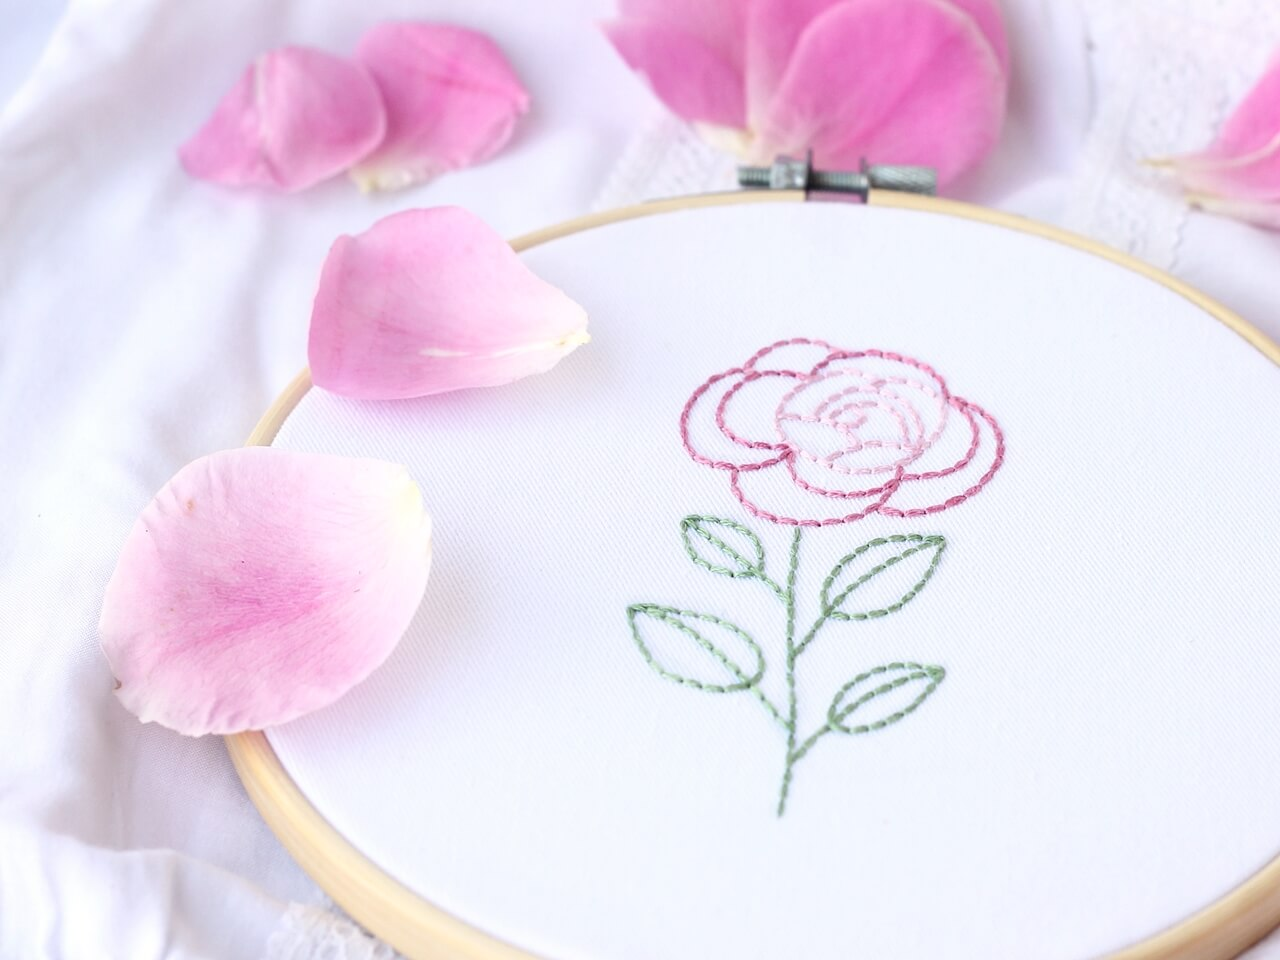 róża ścieg zaigłą